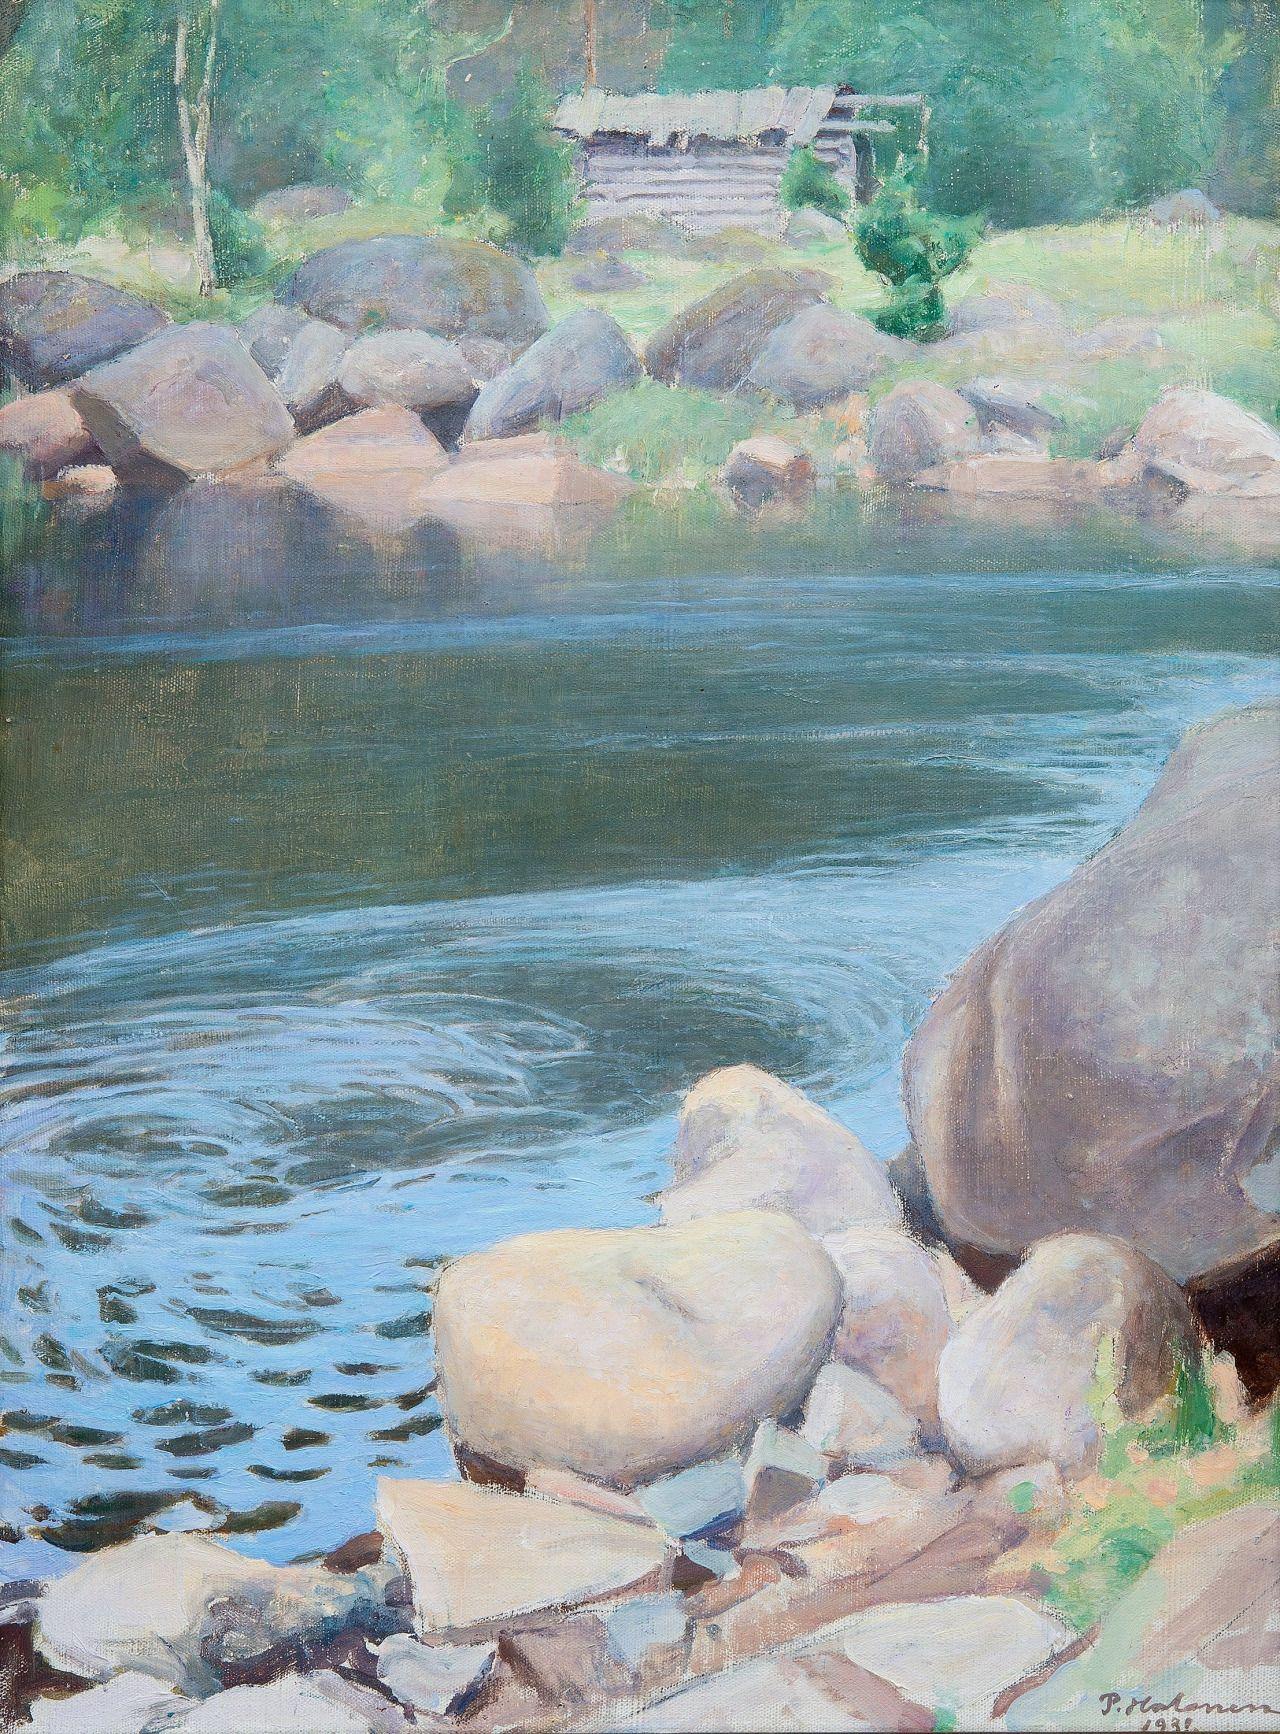 Pekka Halonen (Finnish, 1865-1933), Kotakoski, 1932. Oil on canvas, 73.5 x 54.5 cm.